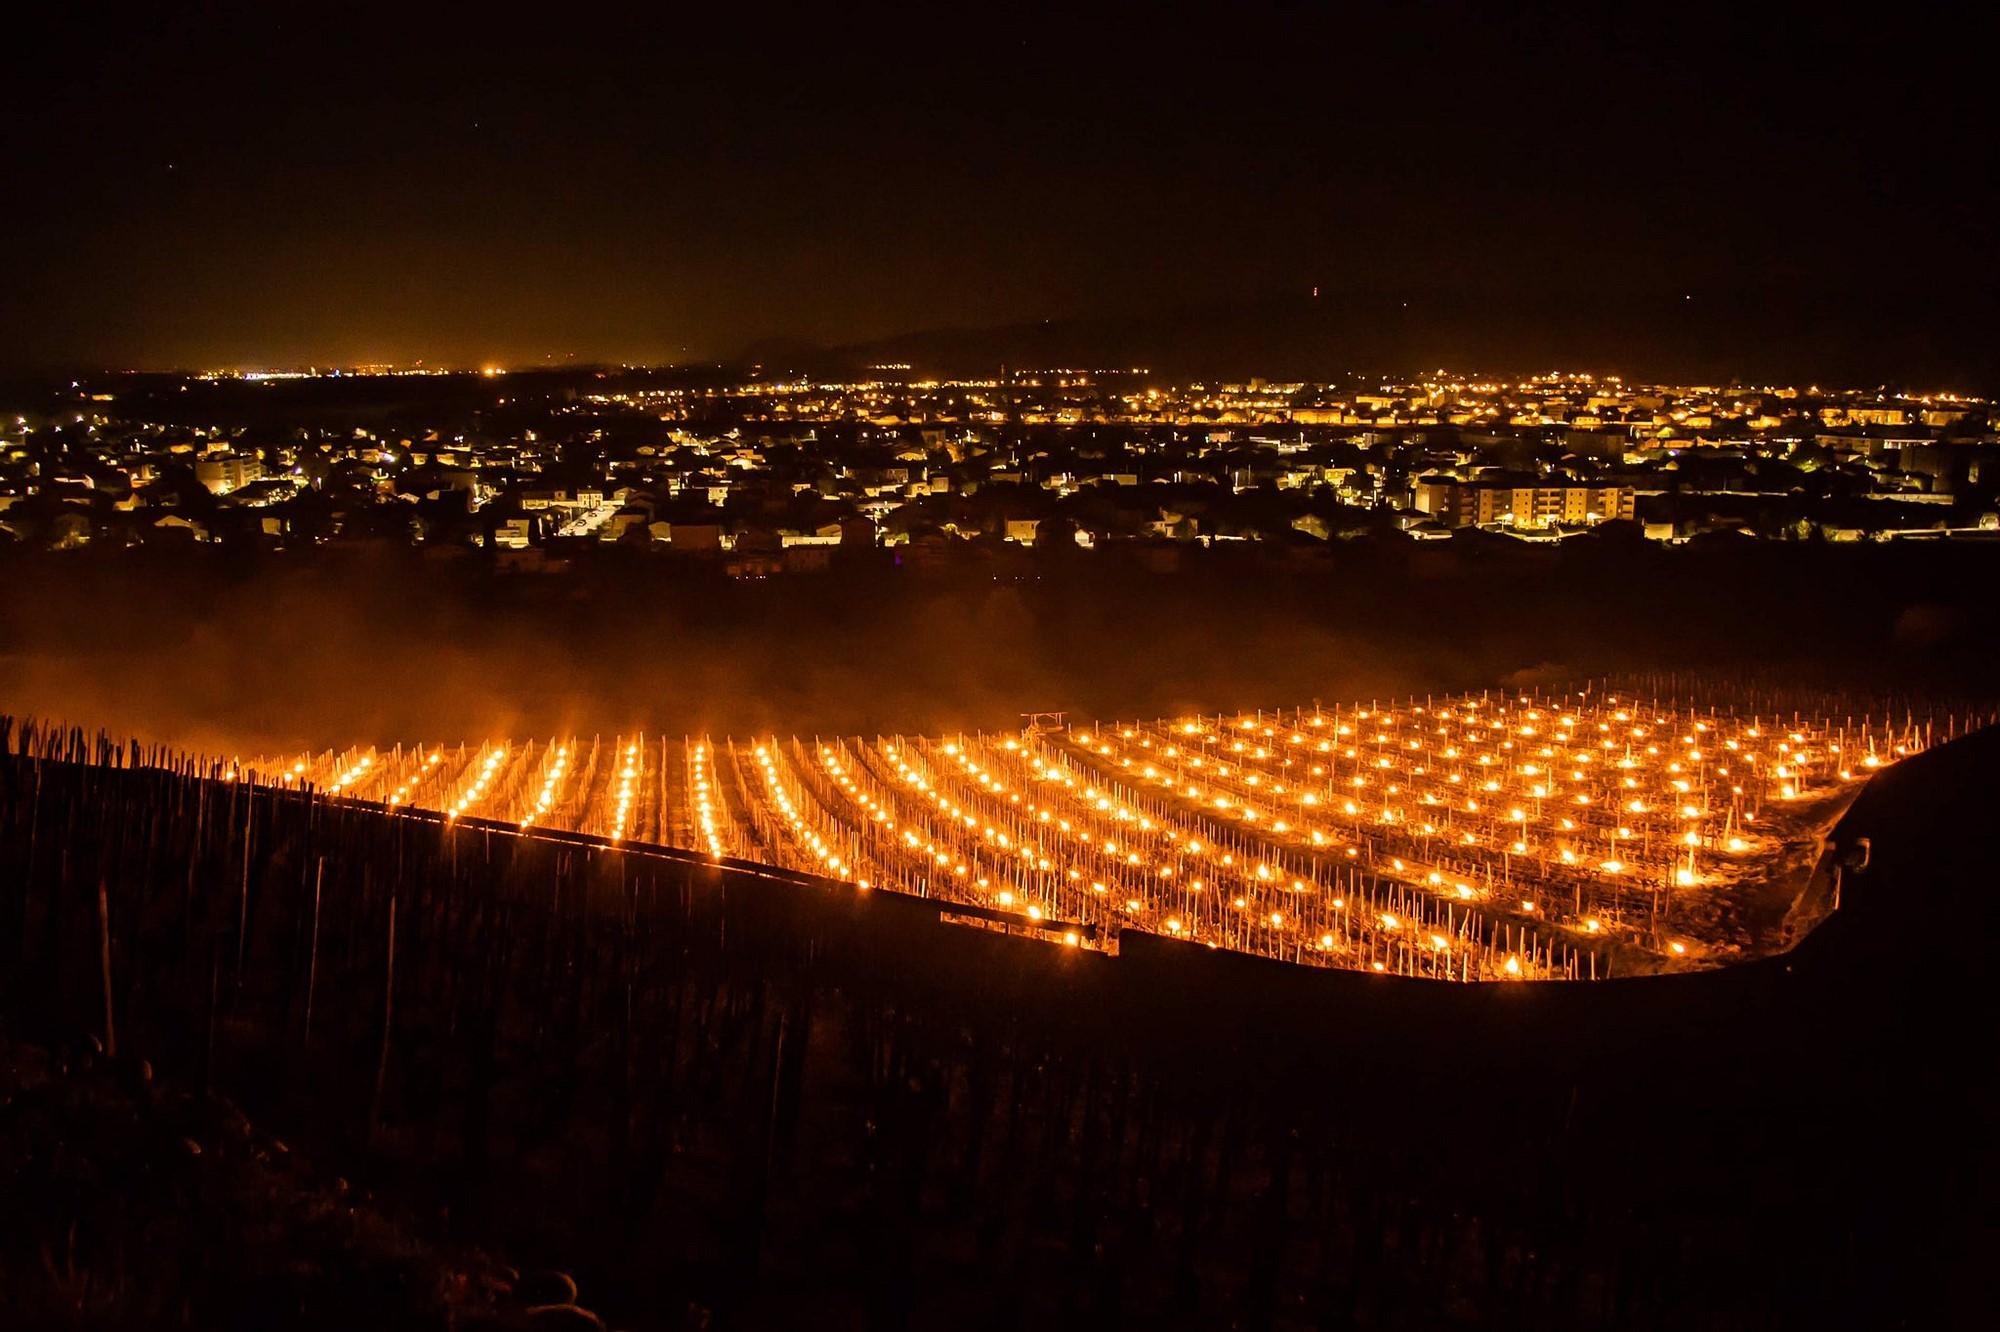 У Франції вогнищами зігрівають виноградники від весняних заморозків